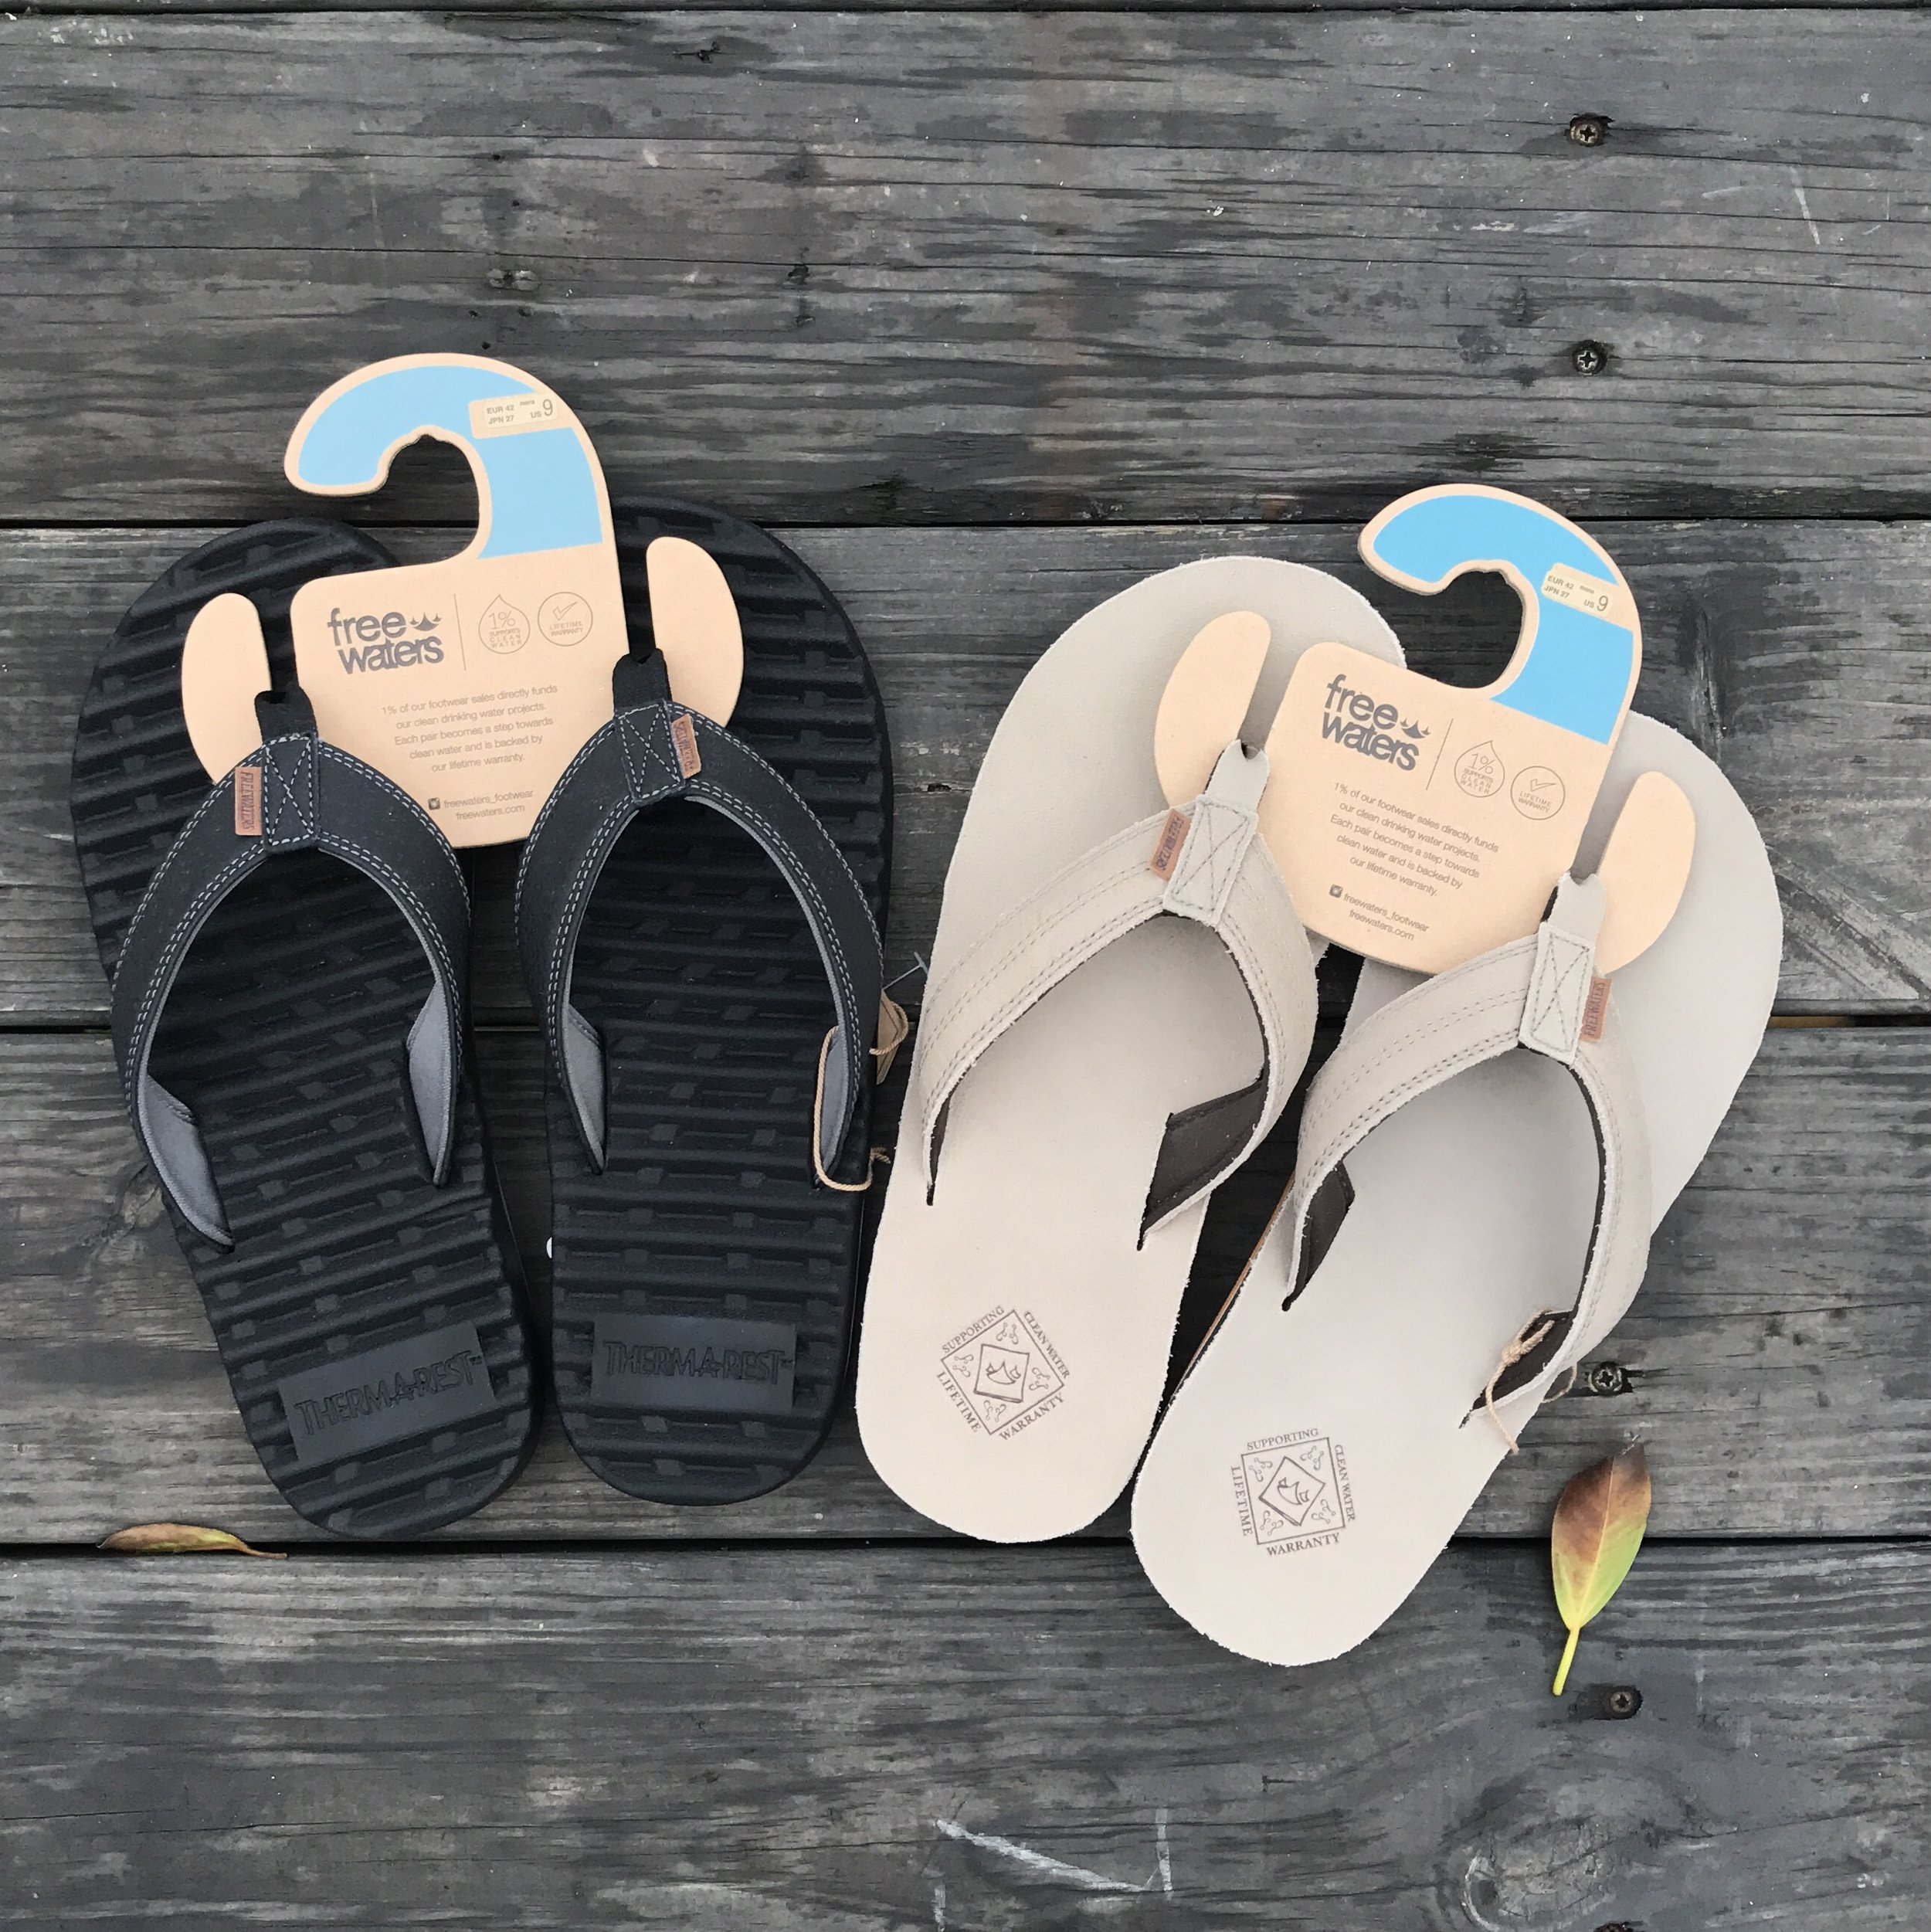 【美國FreeWaters】夾腳拖鞋  使用Therm-a-Rest鞋墊技術,可緩衝吸震,避免因長時間穿著夾腳拖鞋受傷。耐用的橡膠大底,提供良好的抓地力。使用100%植物性天然材料製造。是相當適合浪人的選項。